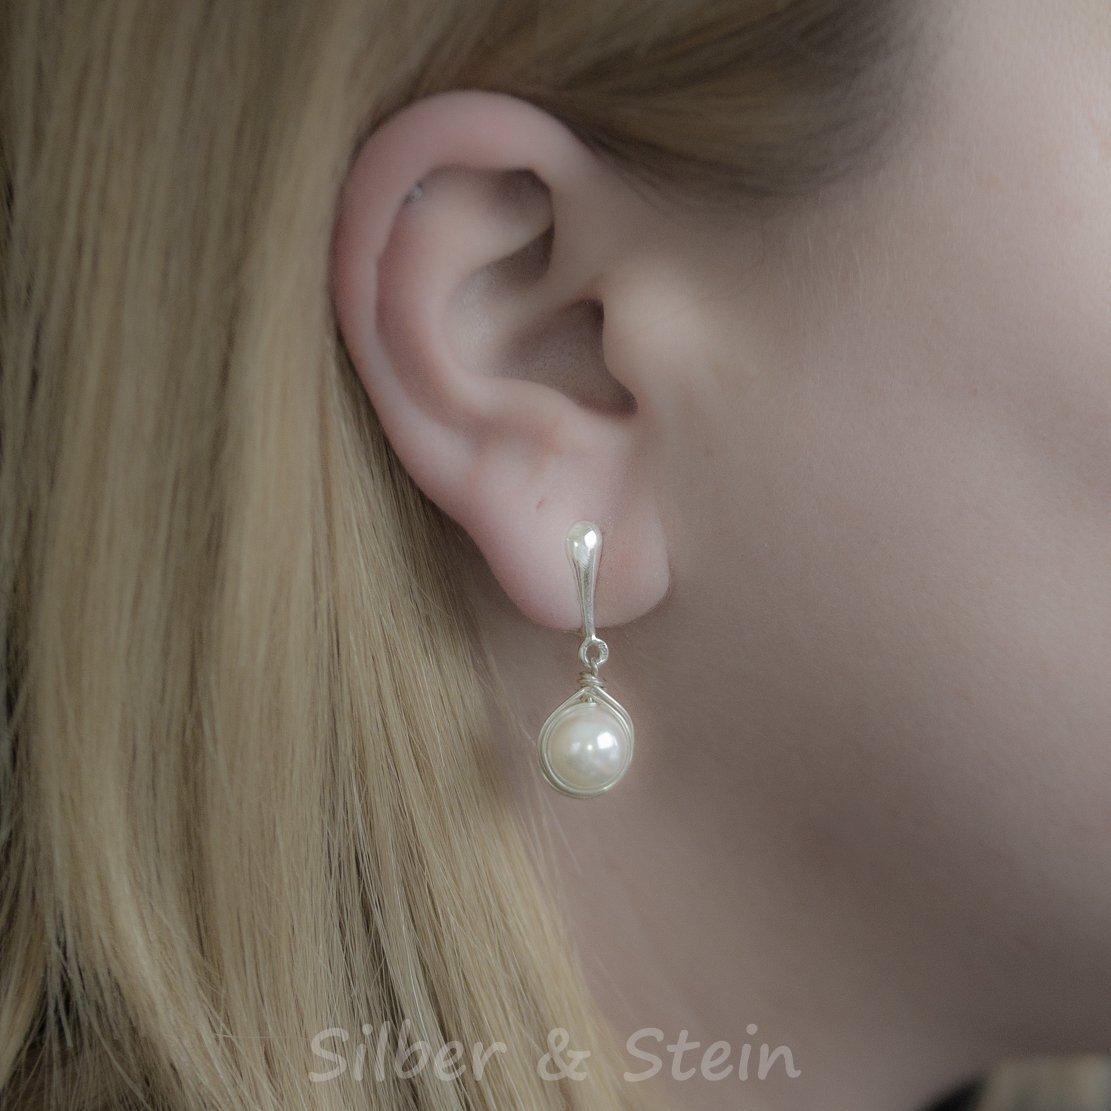 offizieller Verkauf Keine Verkaufssteuer begrenzter Verkauf Festliche Ohrclips mit weißen Perlen ♥ Design von Silber&Stein